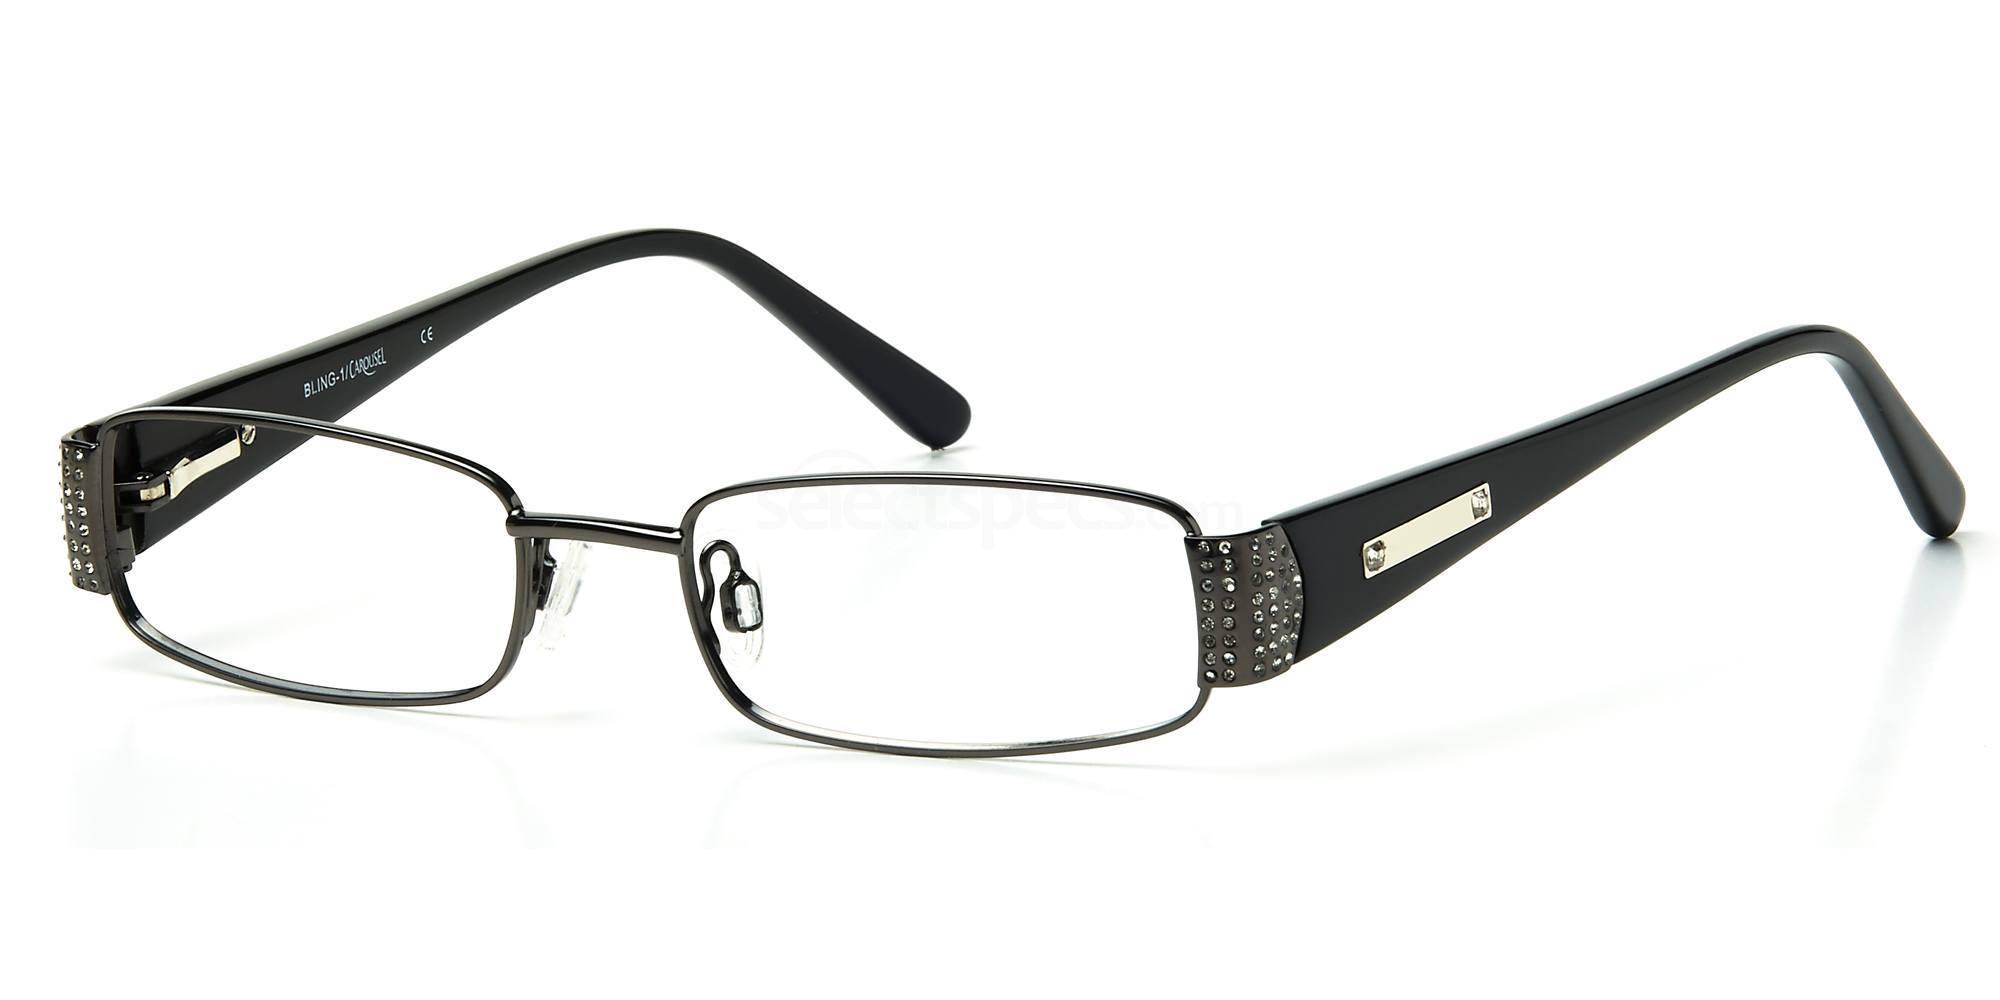 C1 BLING01 Glasses, Bling